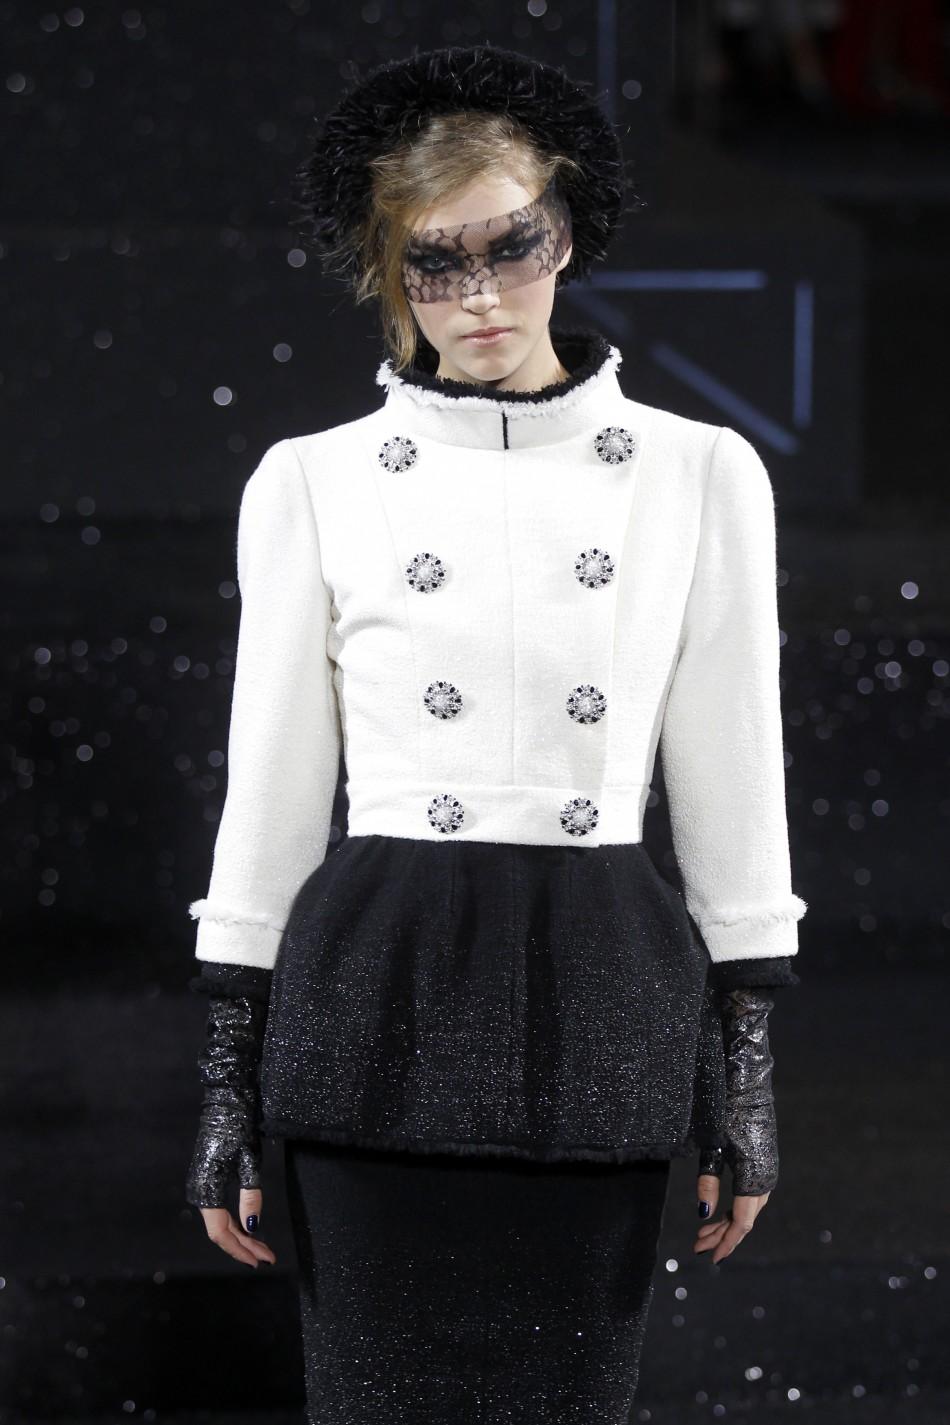 Chanel Haute Couture Fall-Winter 2011/2012 fashion show